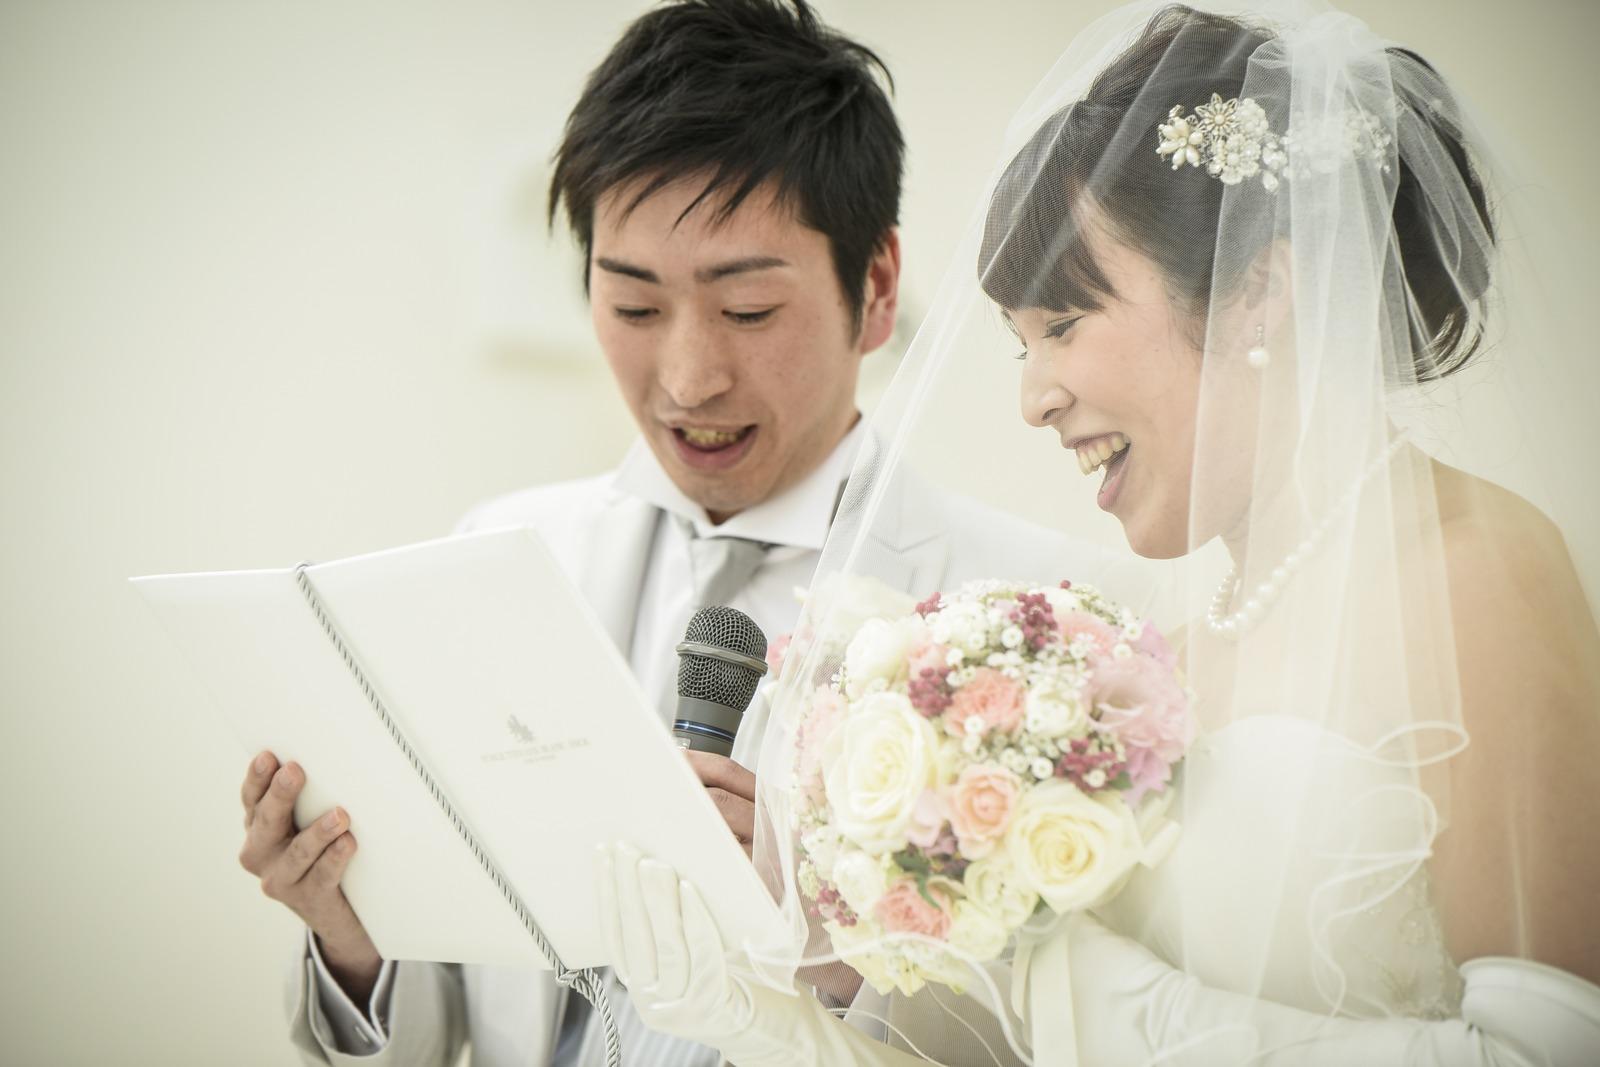 徳島市の結婚式場ブランアンジュでチャペル挙式での新郎新婦様の誓いの言葉